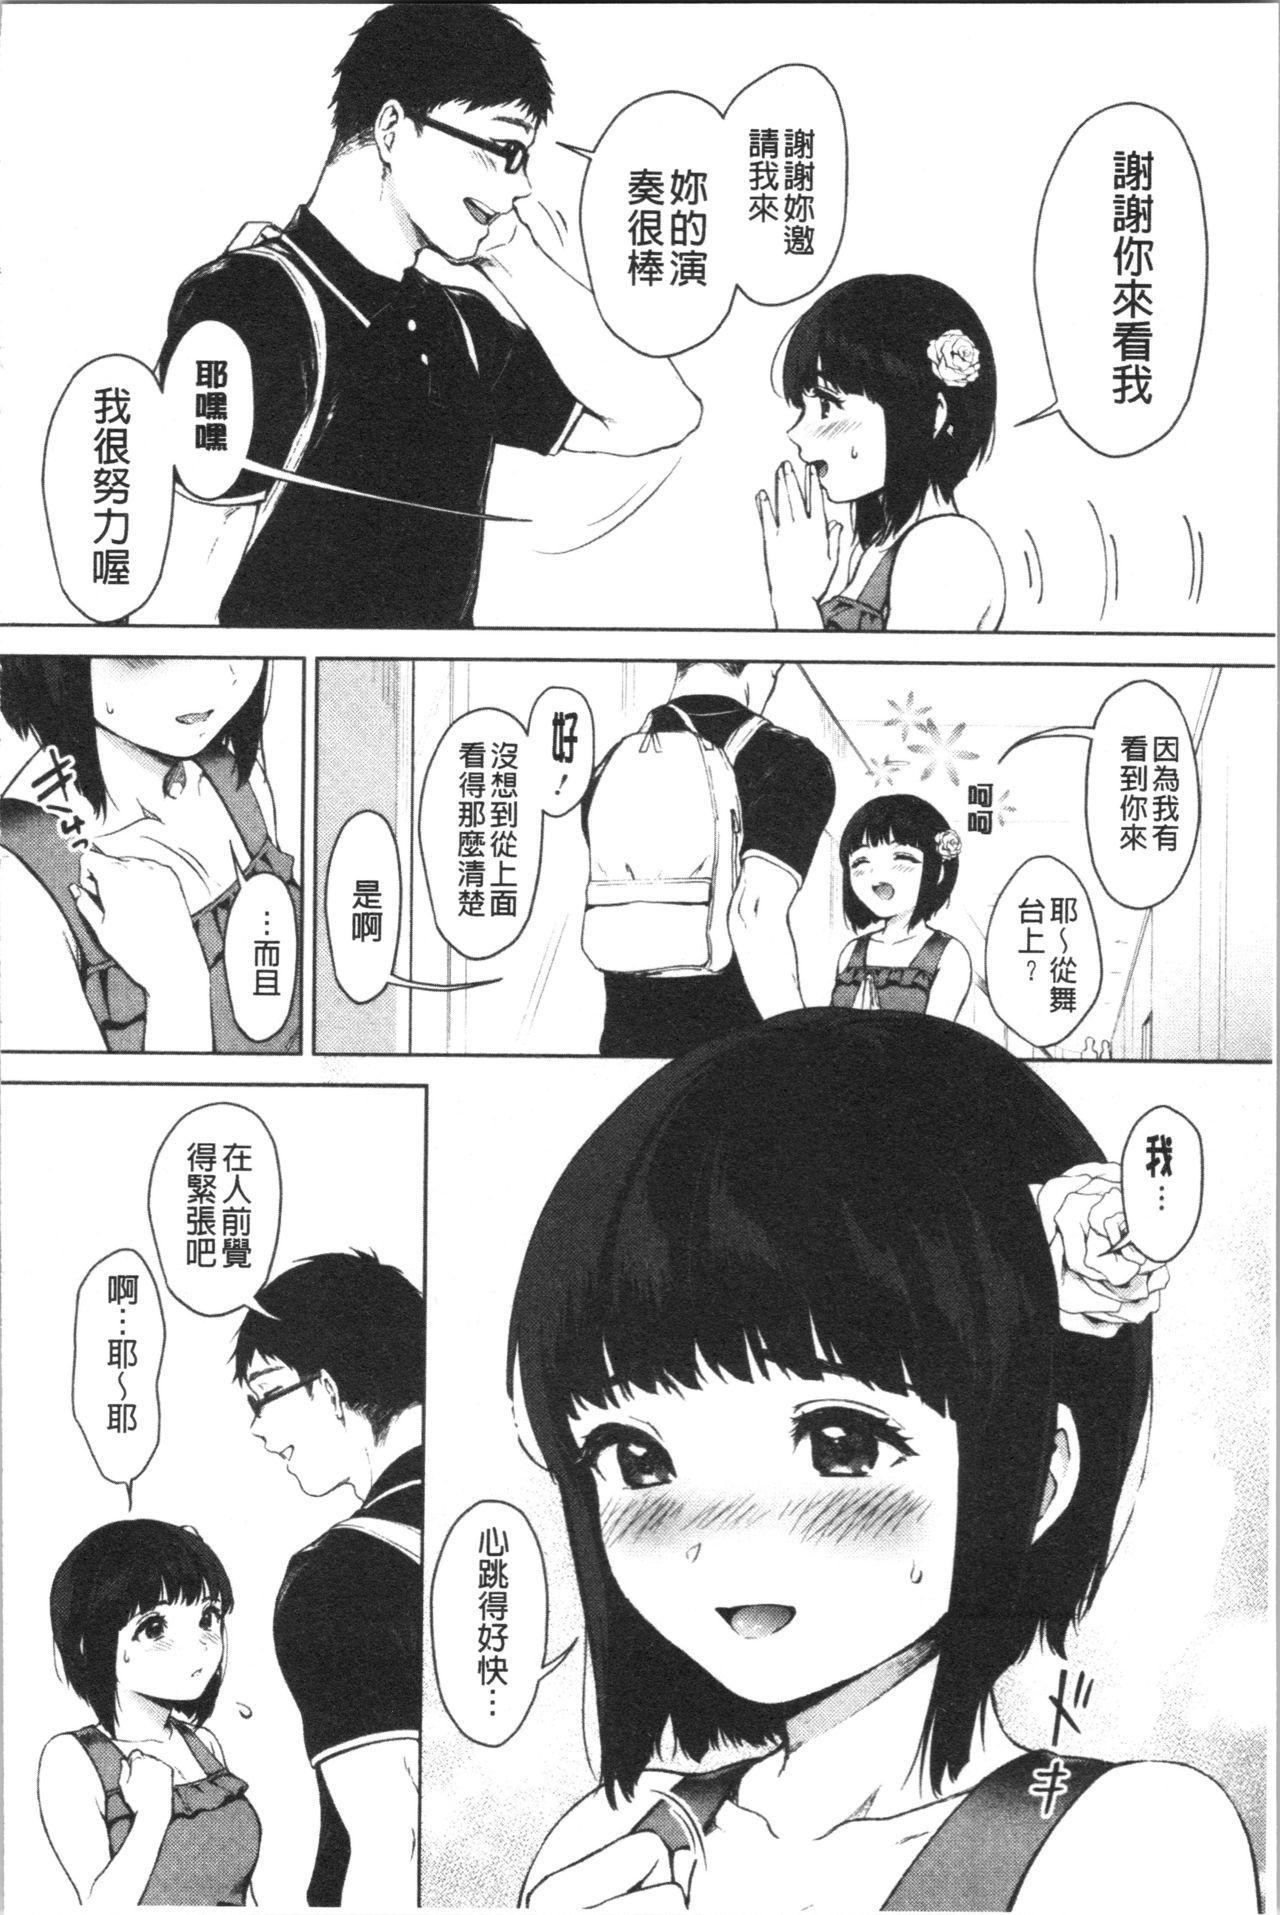 #Echi Echi Joshi to Tsunagaritai | #好色淫蕩女子想和她搞一下 86